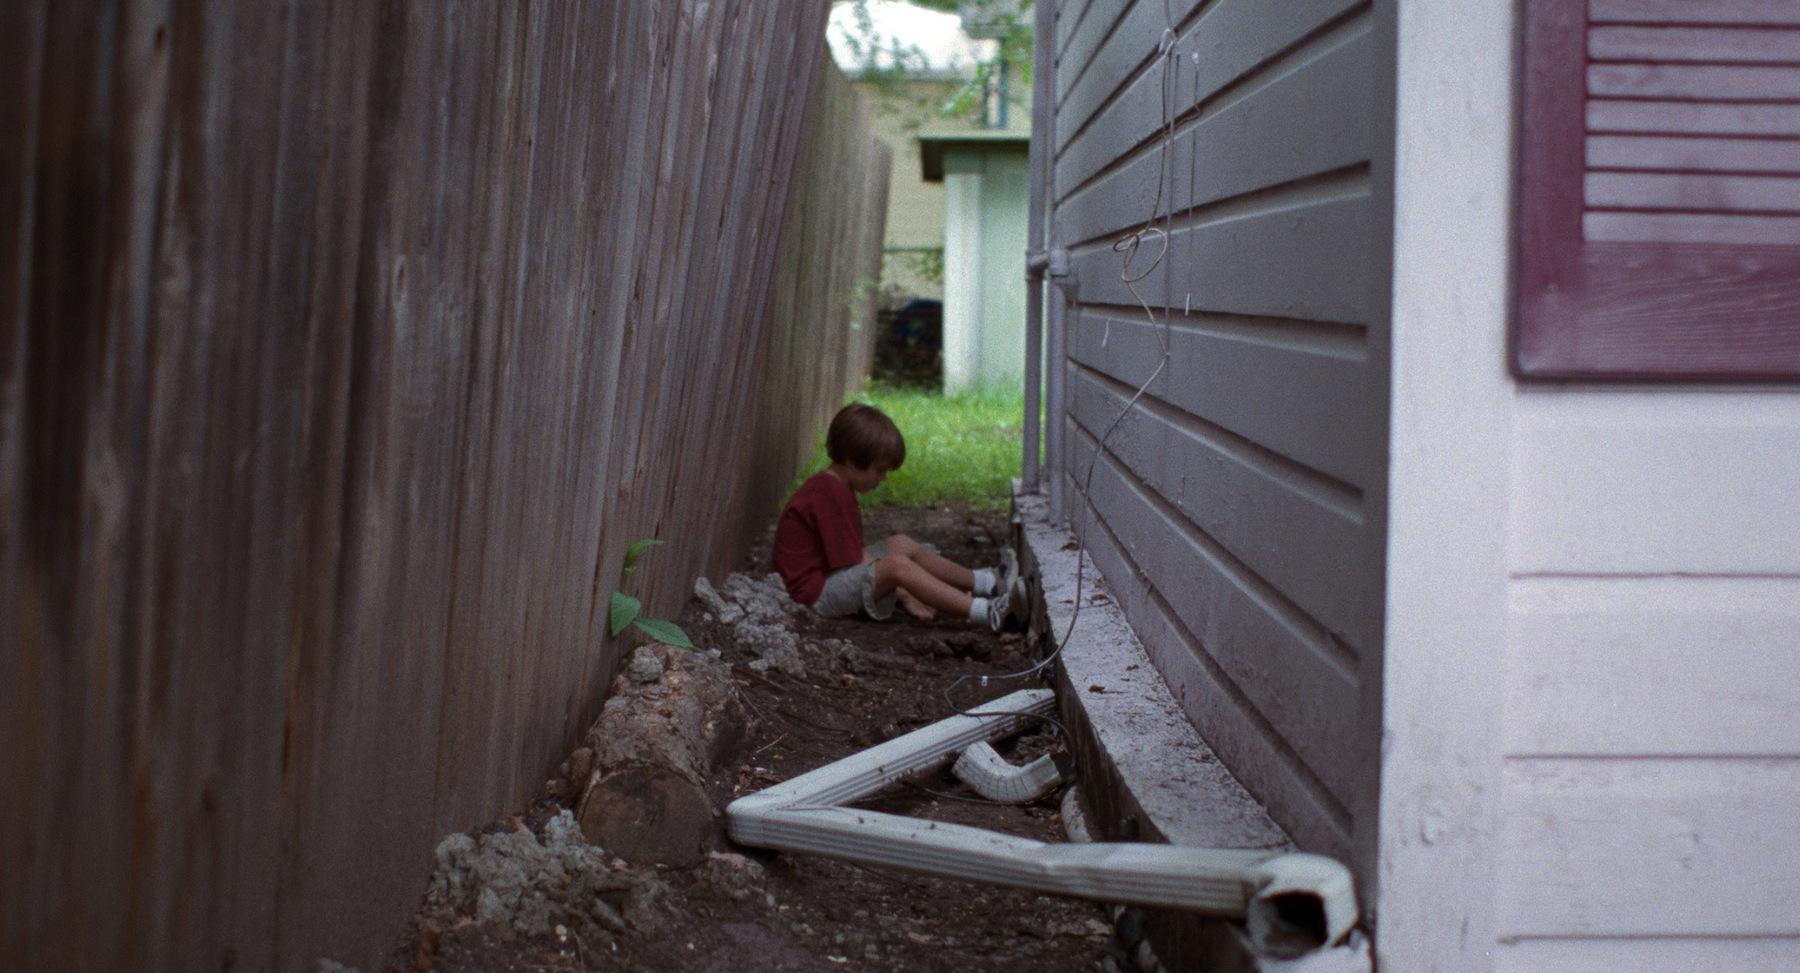 A scene from 'Boyhood'